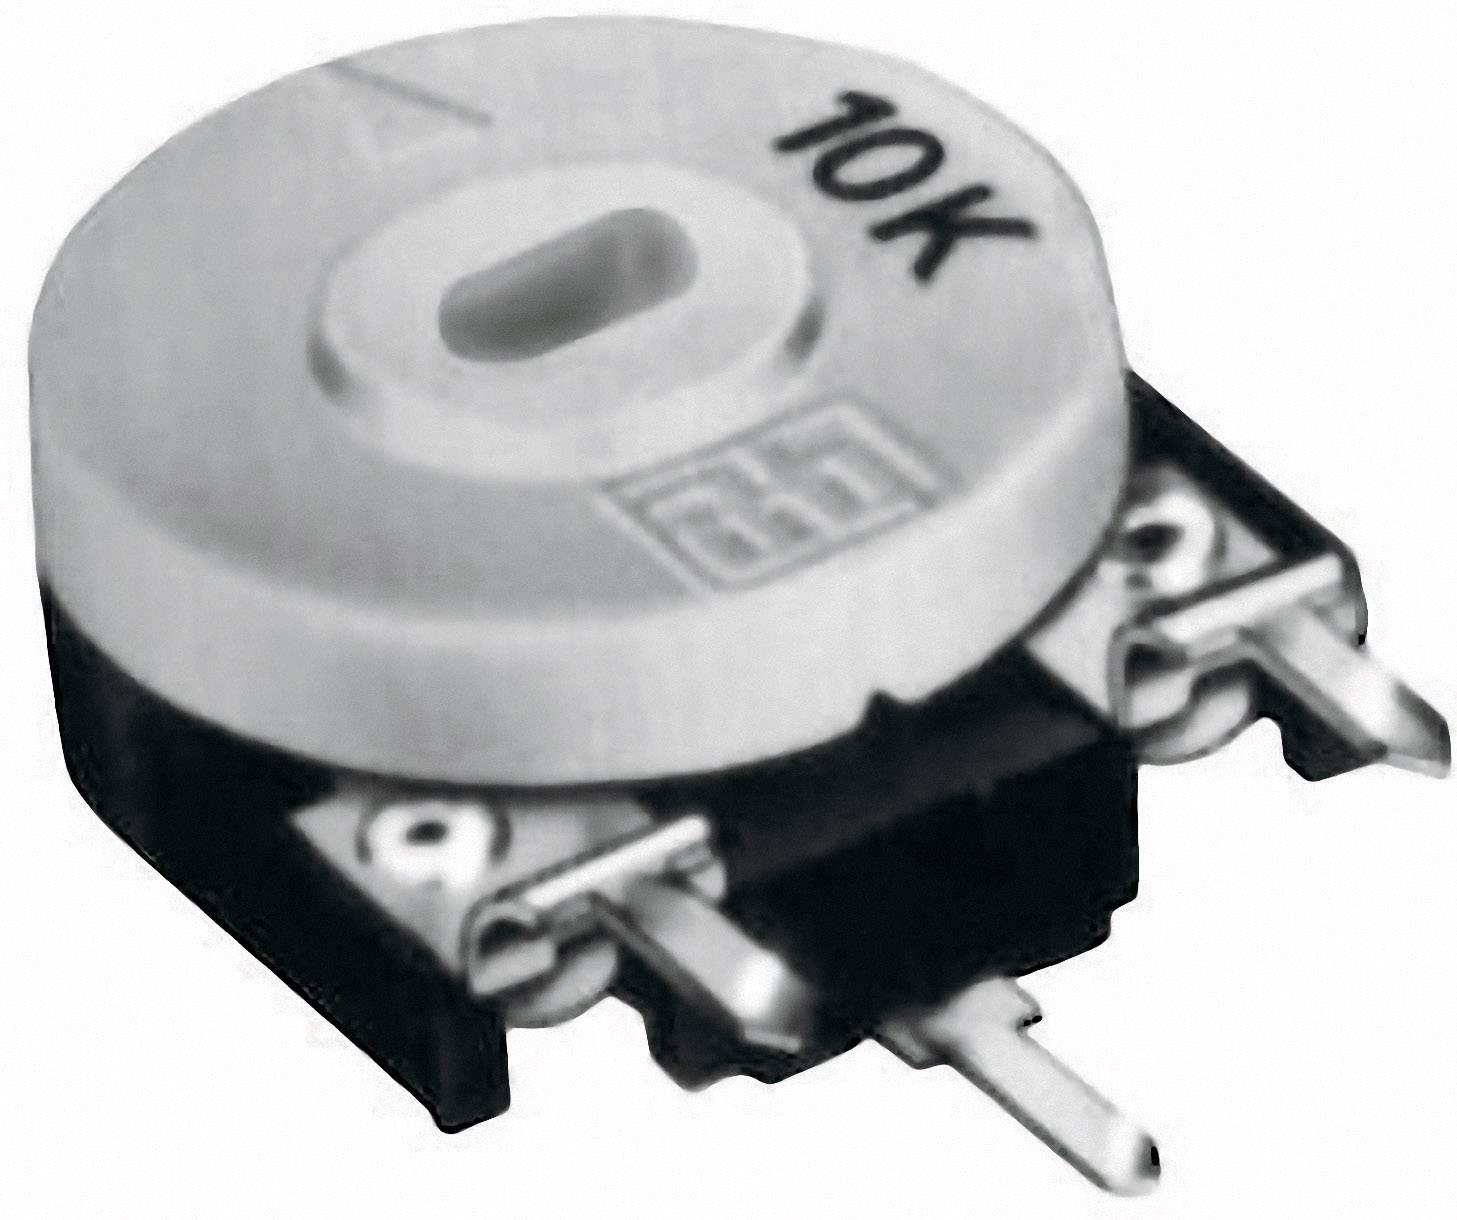 Uhlíkový trimer TT Electronics AB 21552805, lineárny, 22 kOhm, 0.15 W, 1 ks